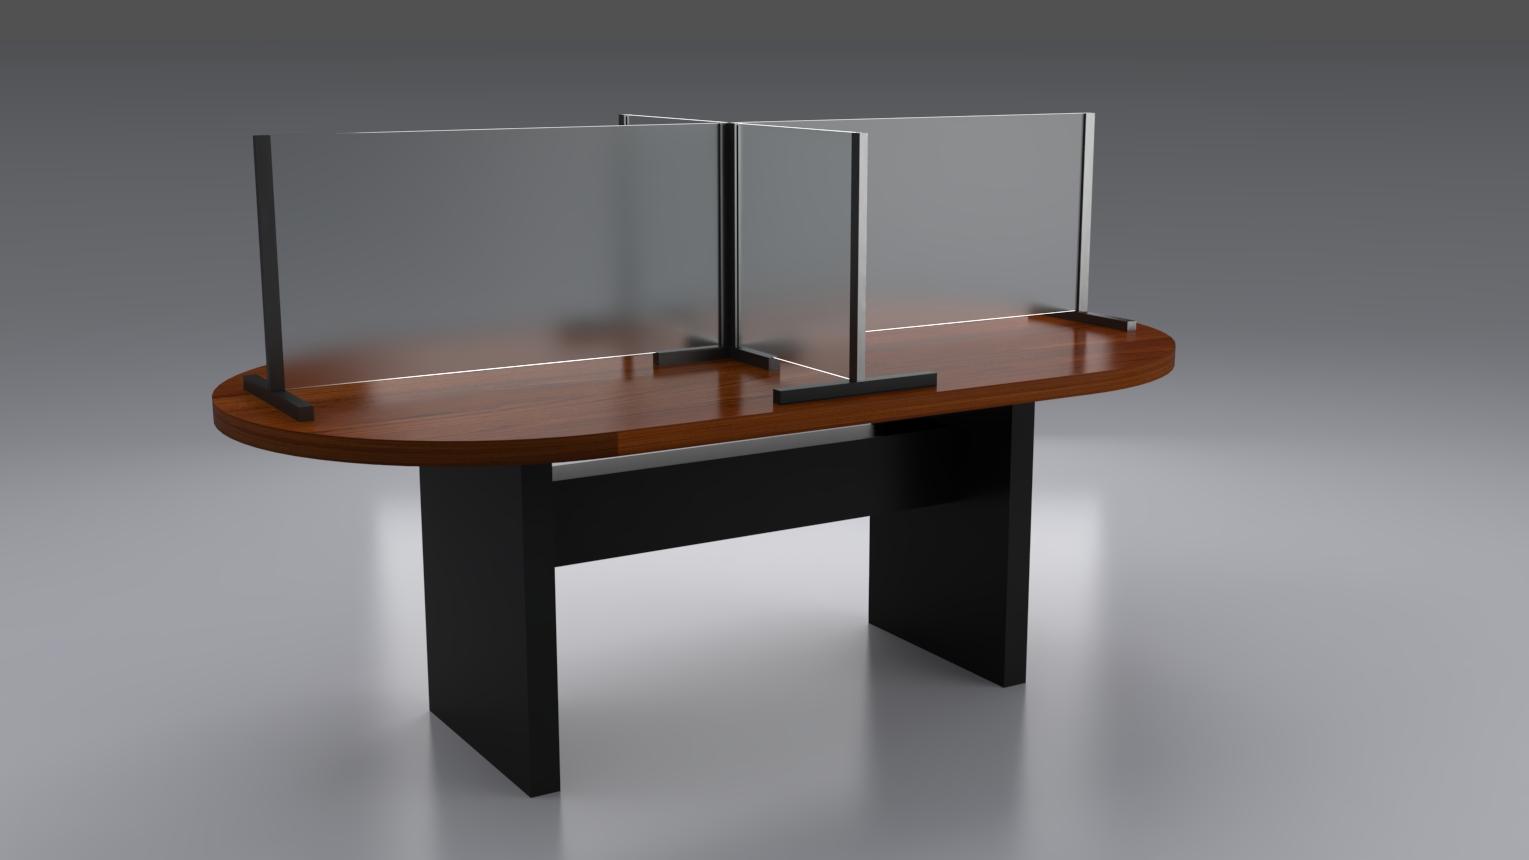 Mesa con acrílico protector COVID19